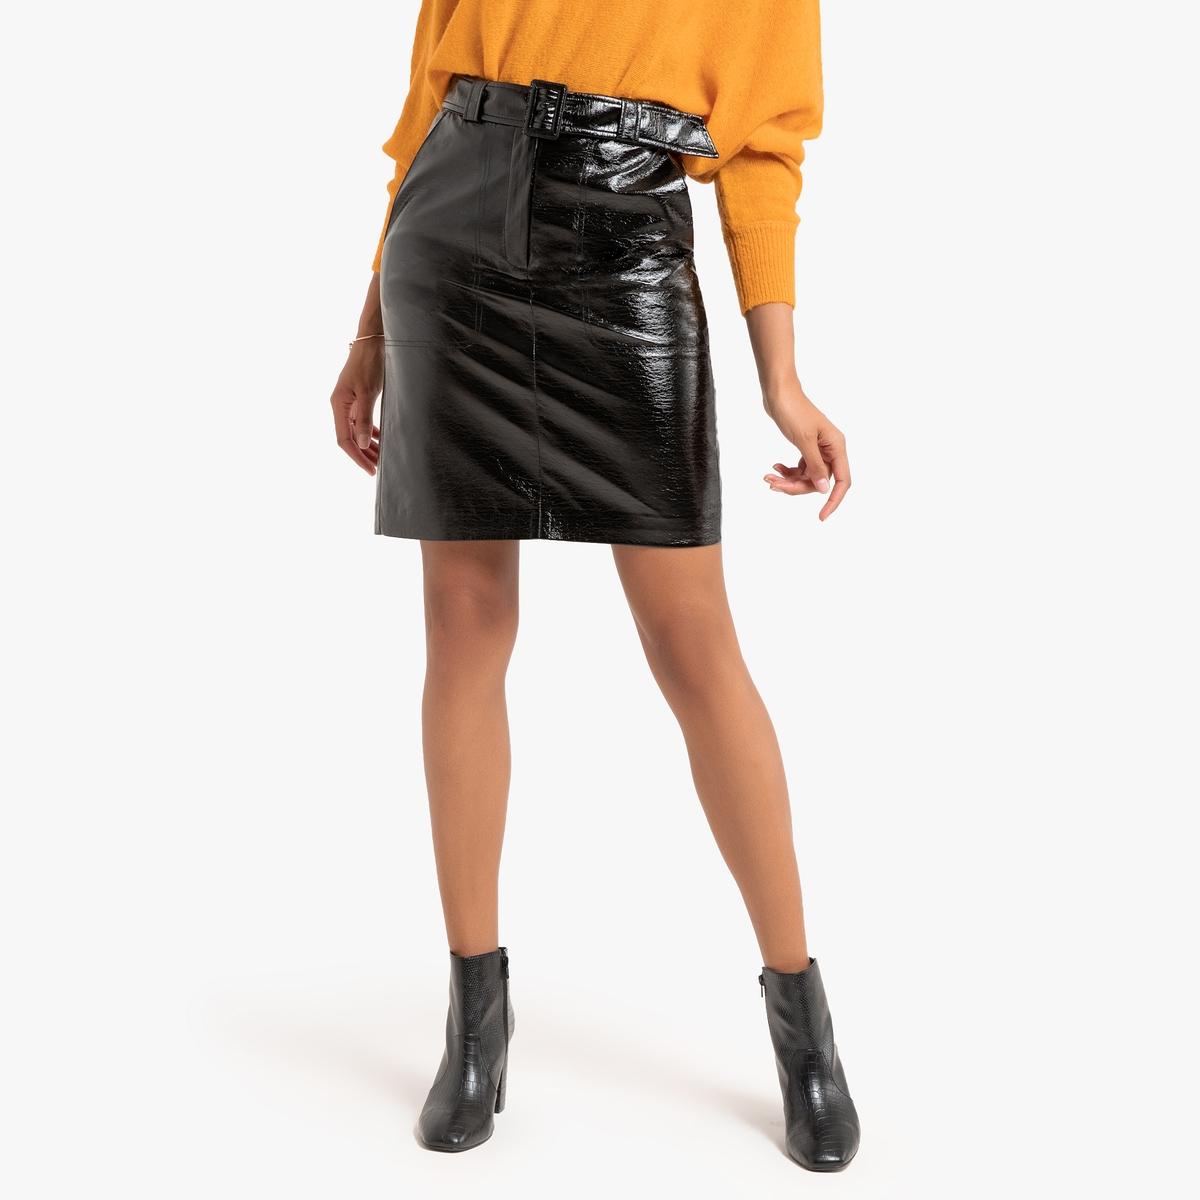 Юбка La Redoute Короткая прямая 40 (FR) - 46 (RUS) черный юбка la redoute короткая прямая из ткани с пропиткой 40 fr 46 rus черный